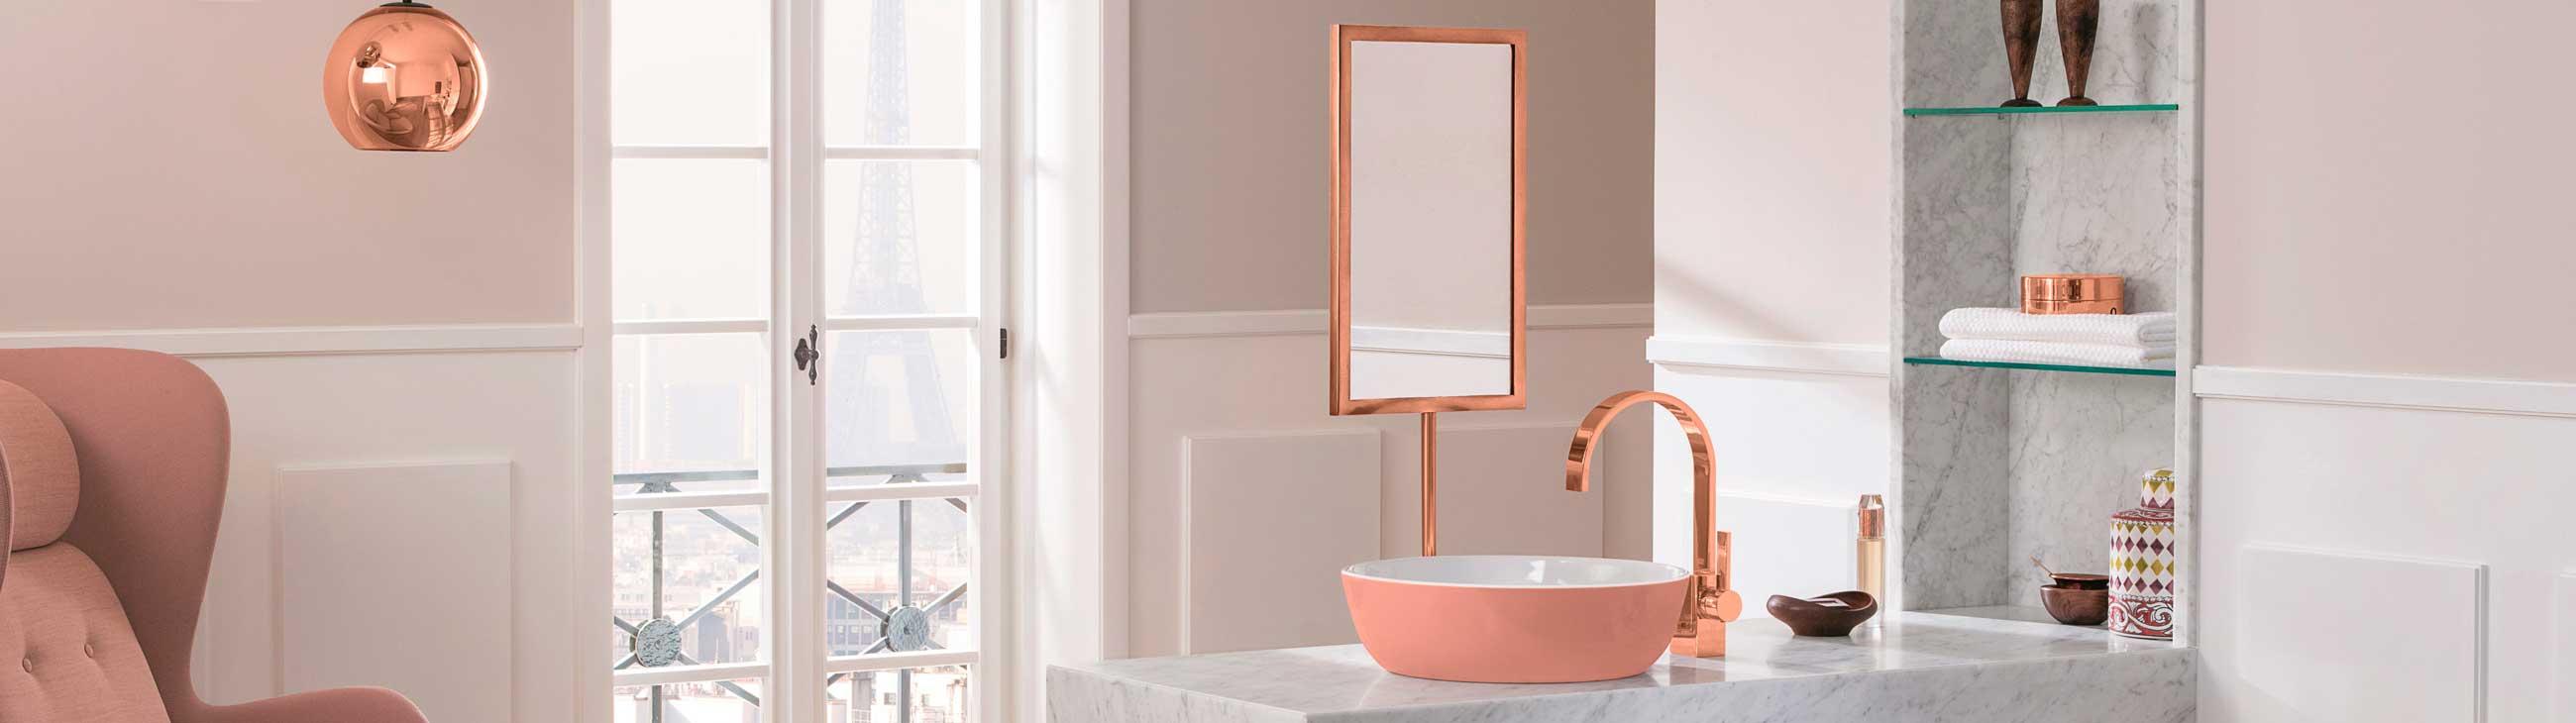 Inspirasjonsbilder av baderom med dusj og baderomsmøbler